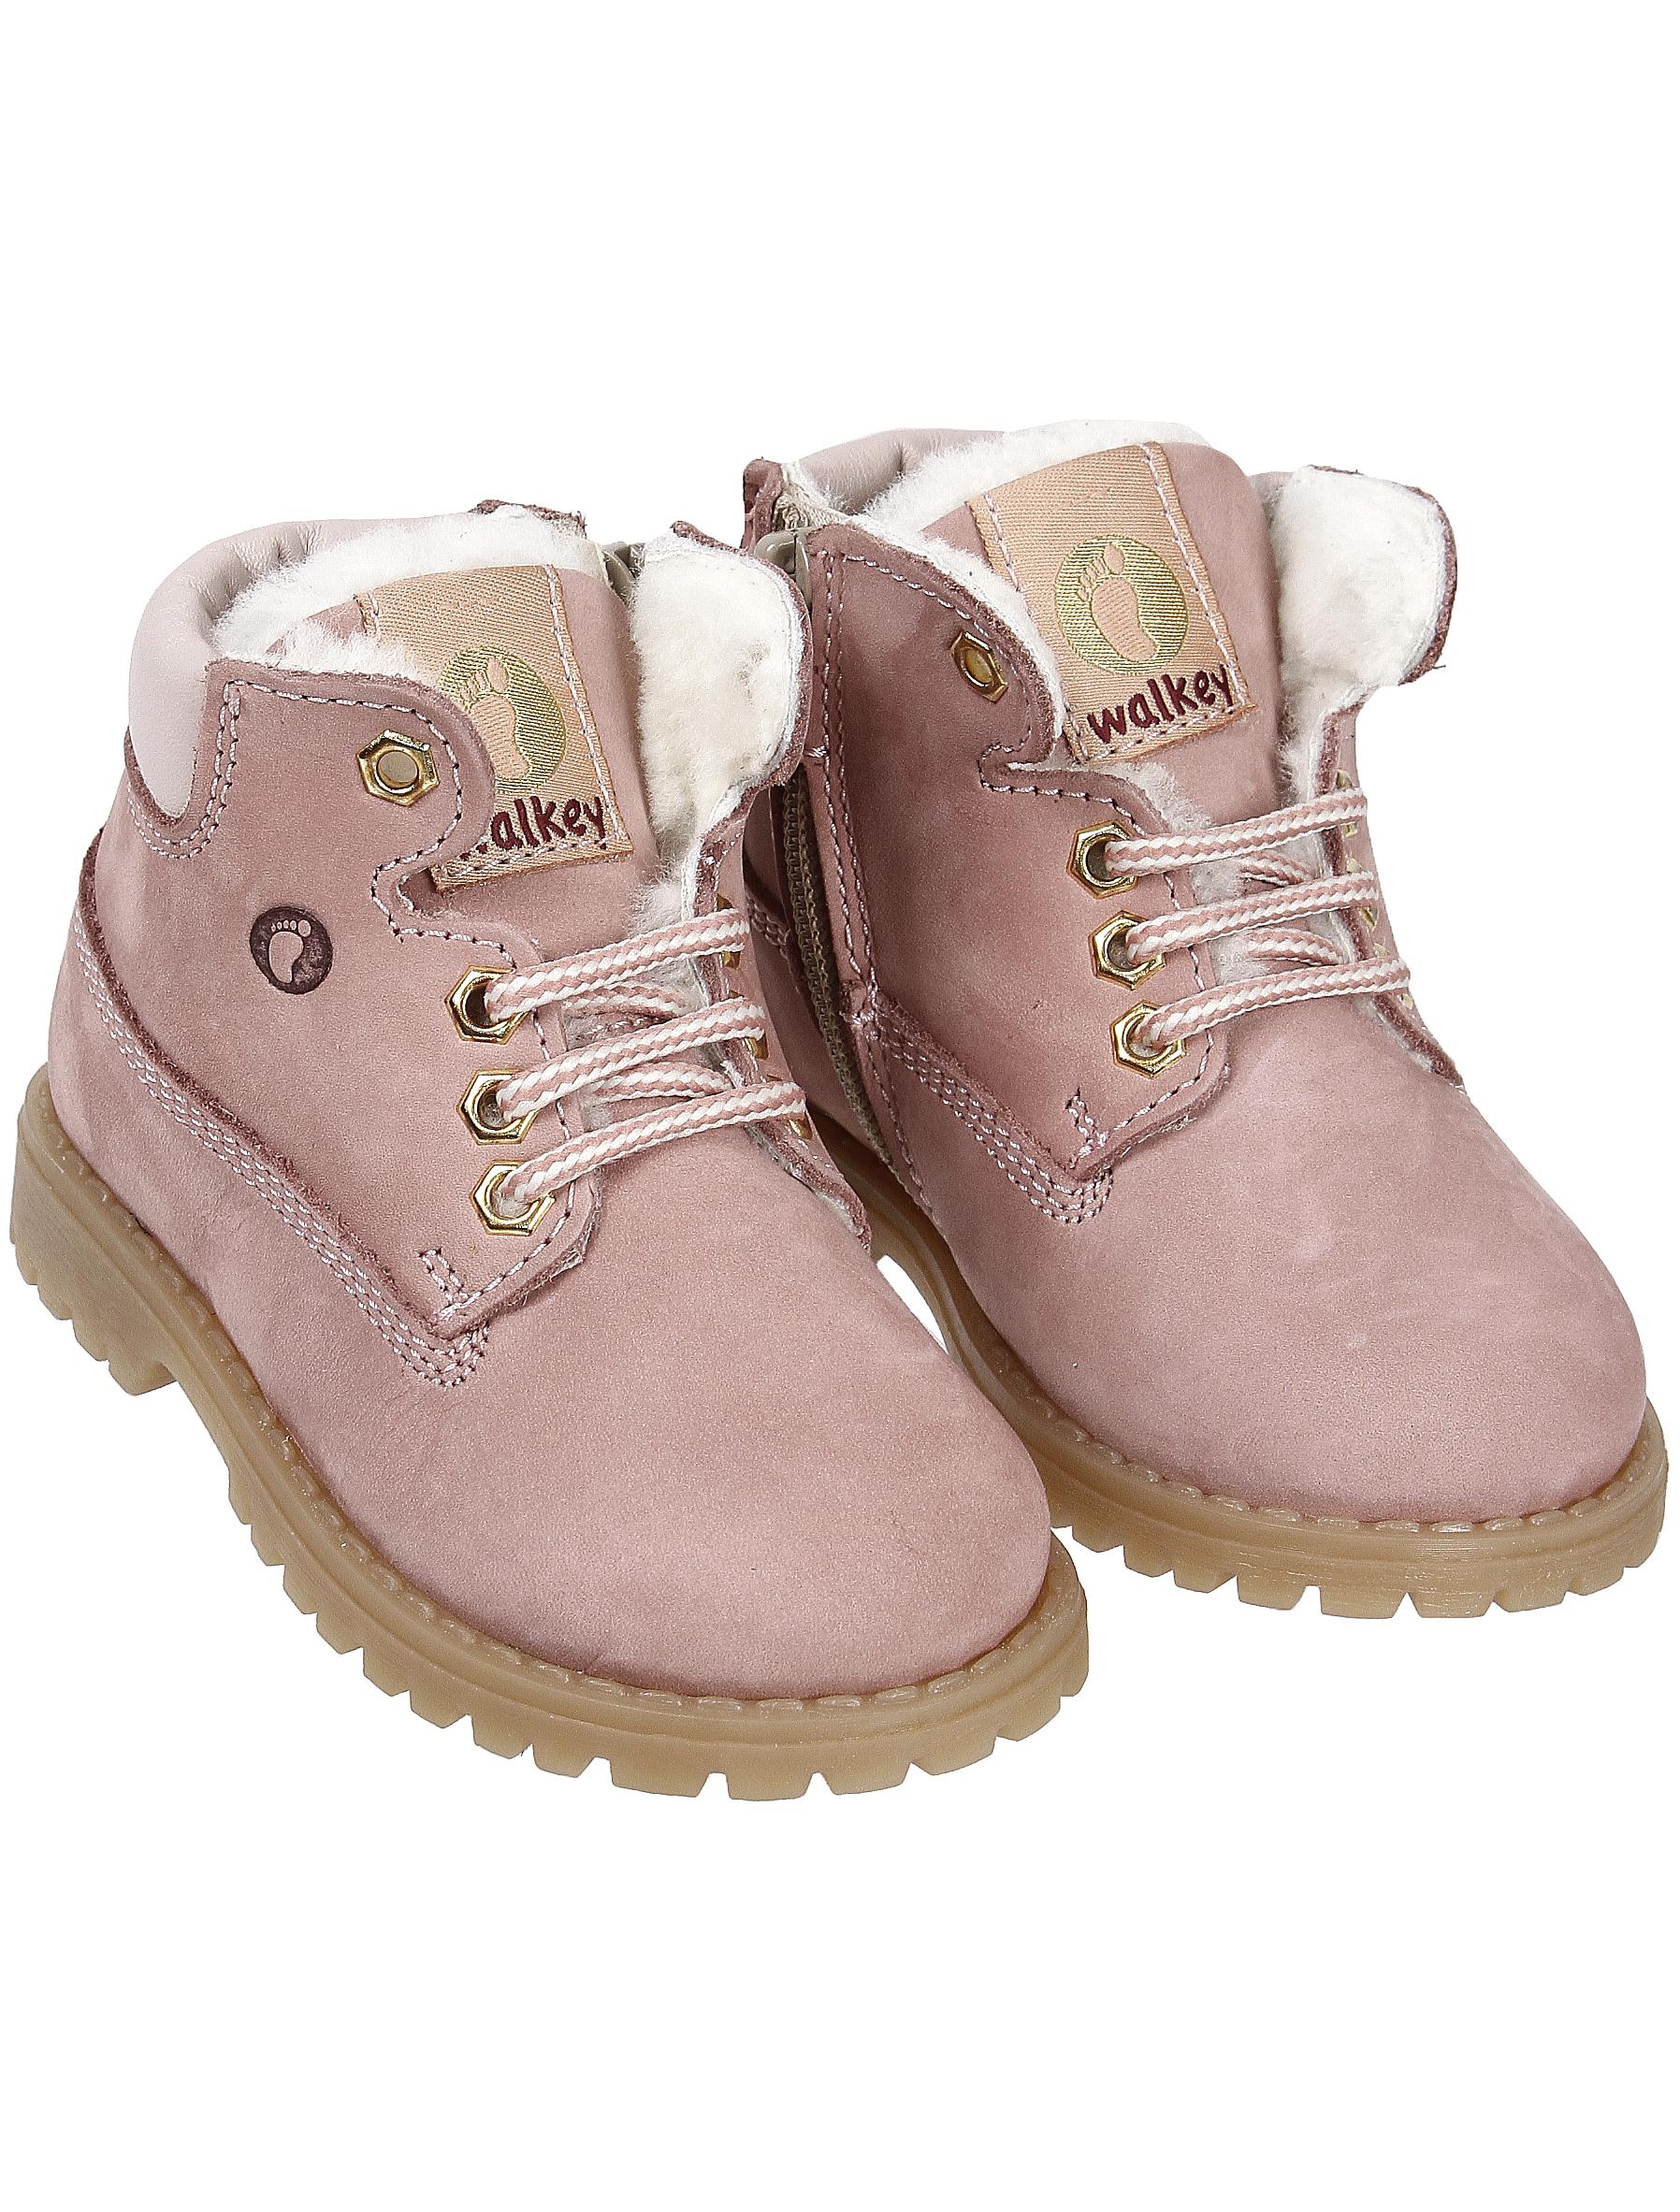 Ботинки Walkey 2134222 фото